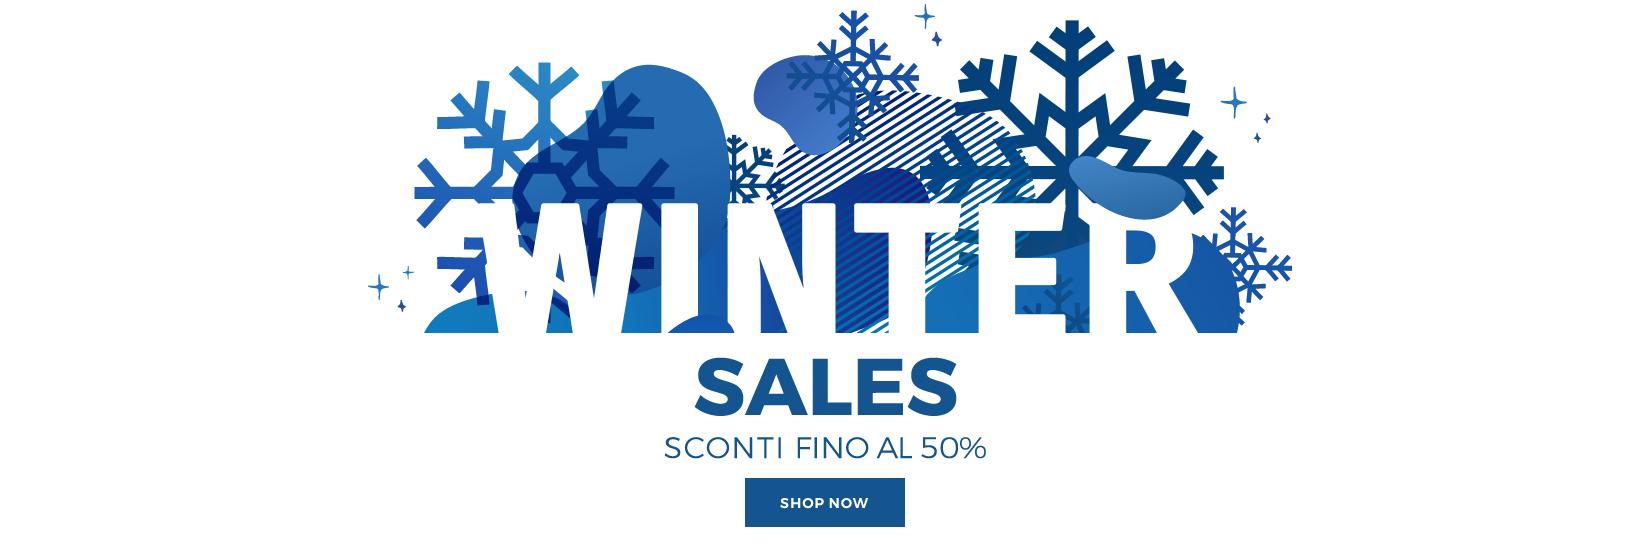 WINTER SALES SCONTI FINO AL 50% SCADE IL 31.01